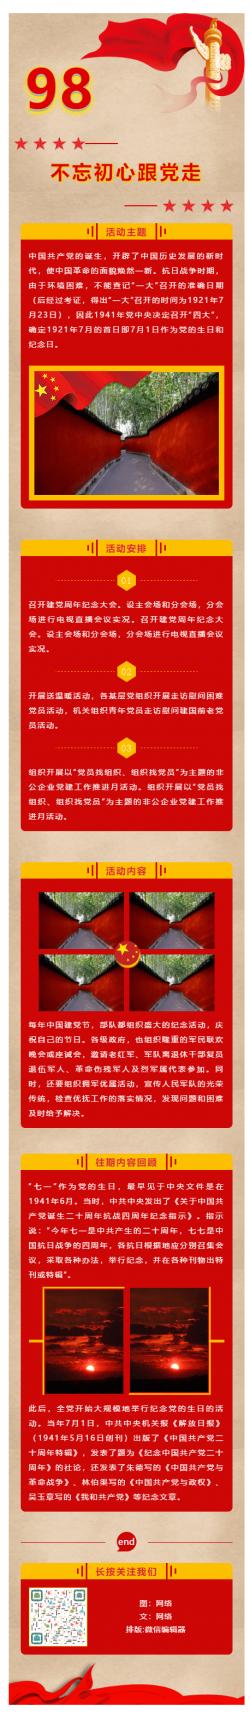 中国共产党建党节七月一日微信公众号推文推送素材模板